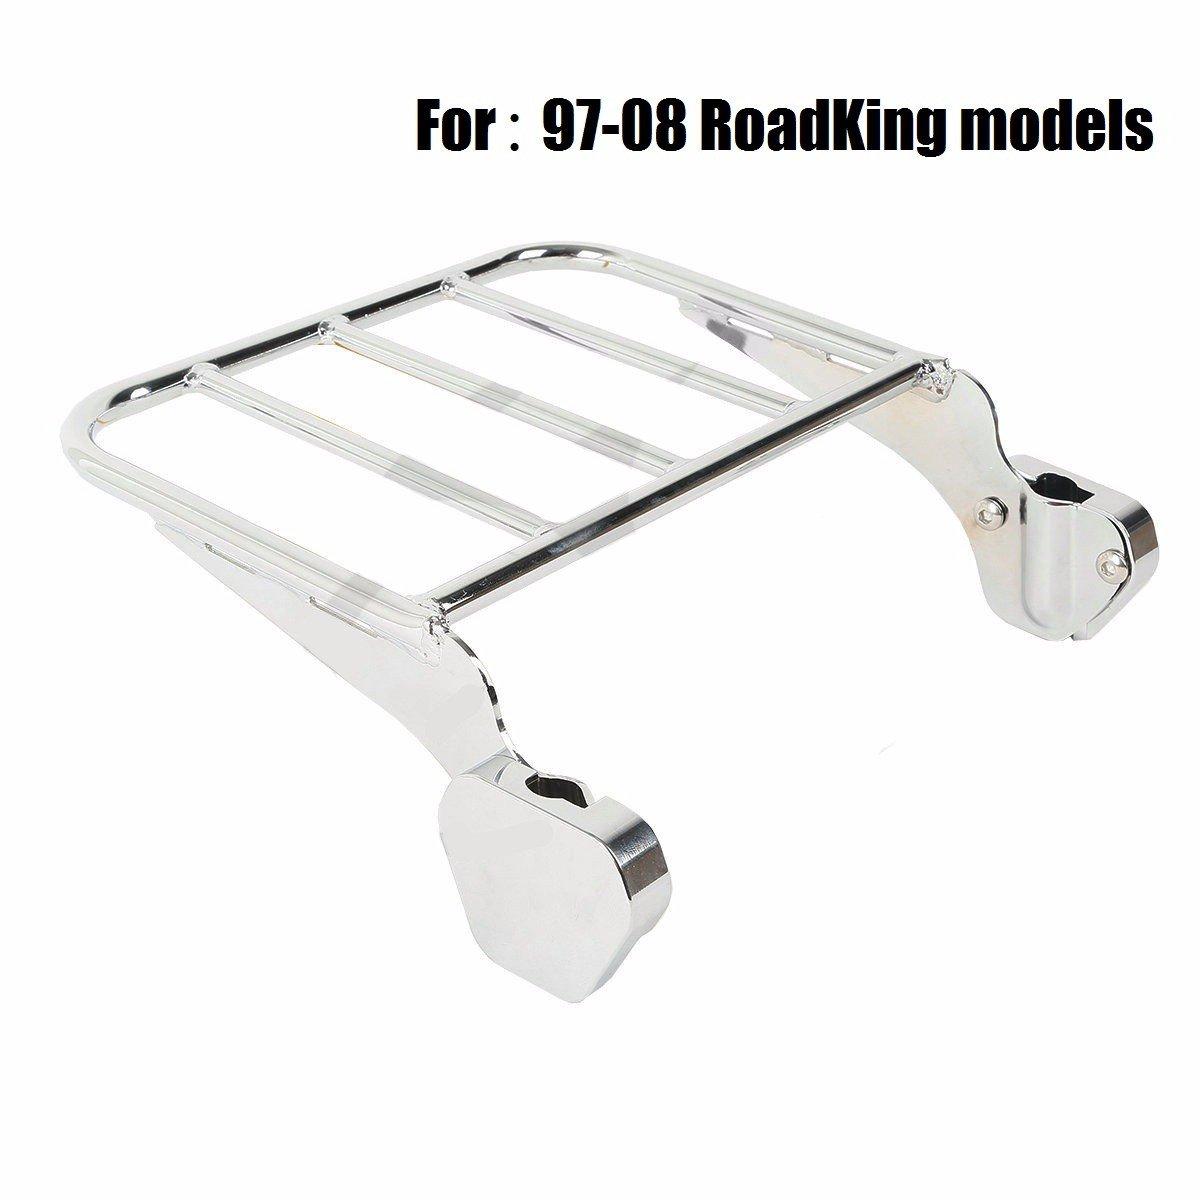 Chromed Rear Luggage Rack For Harley Road King 97-08 FLHT FLHX FLTR FLHTC HAPPY-MOTOR